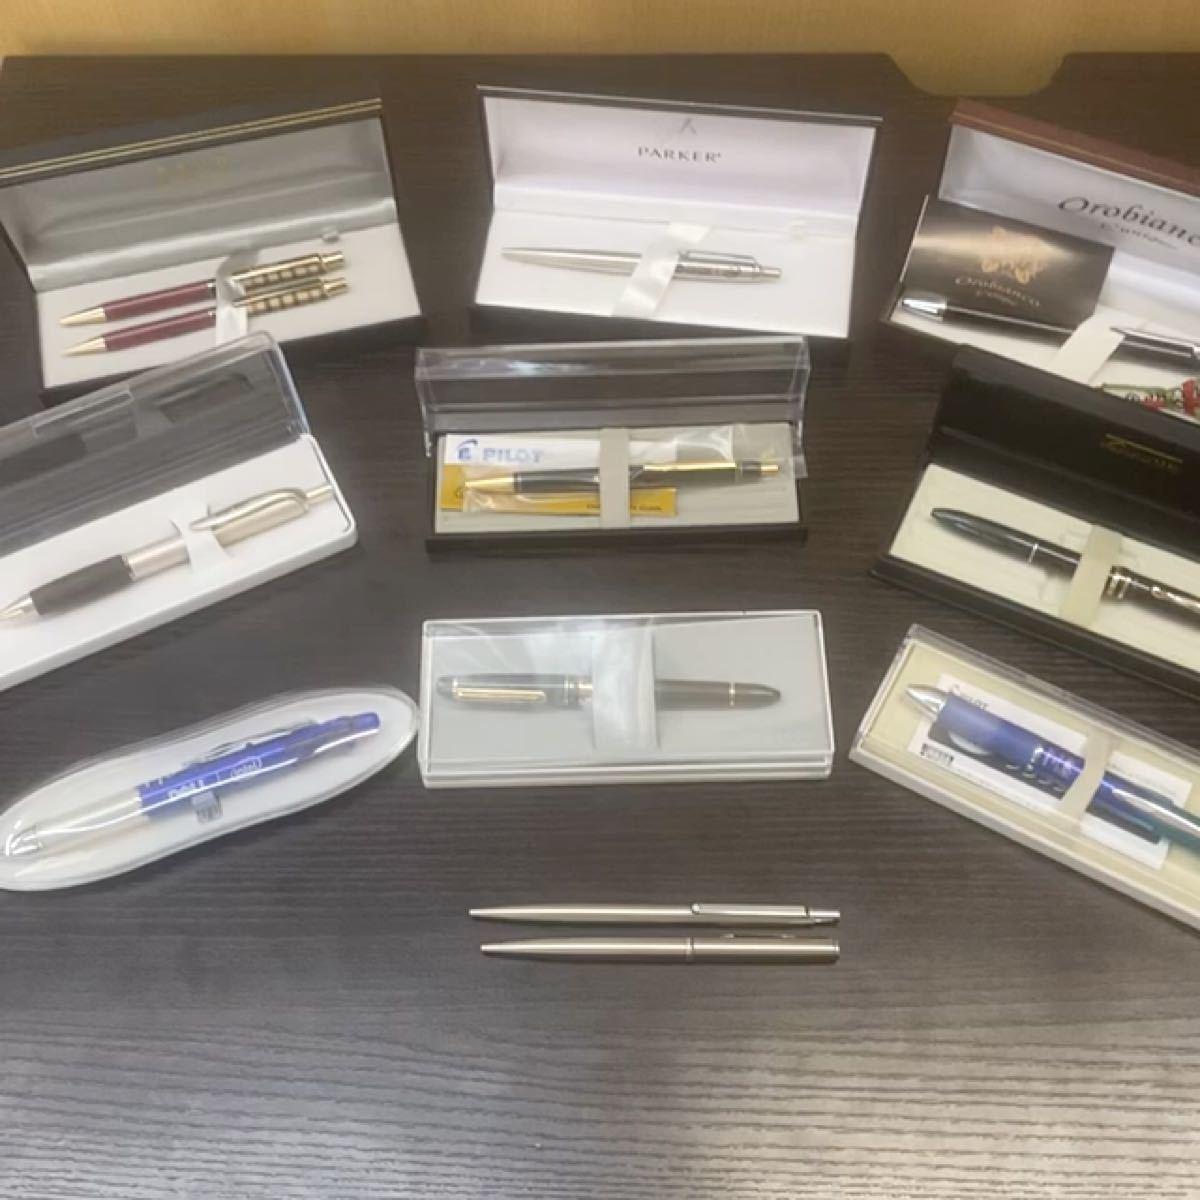 【美品】モンブラン&オロビアンコ&パーカー含むボールペン&シャープペン12品セット